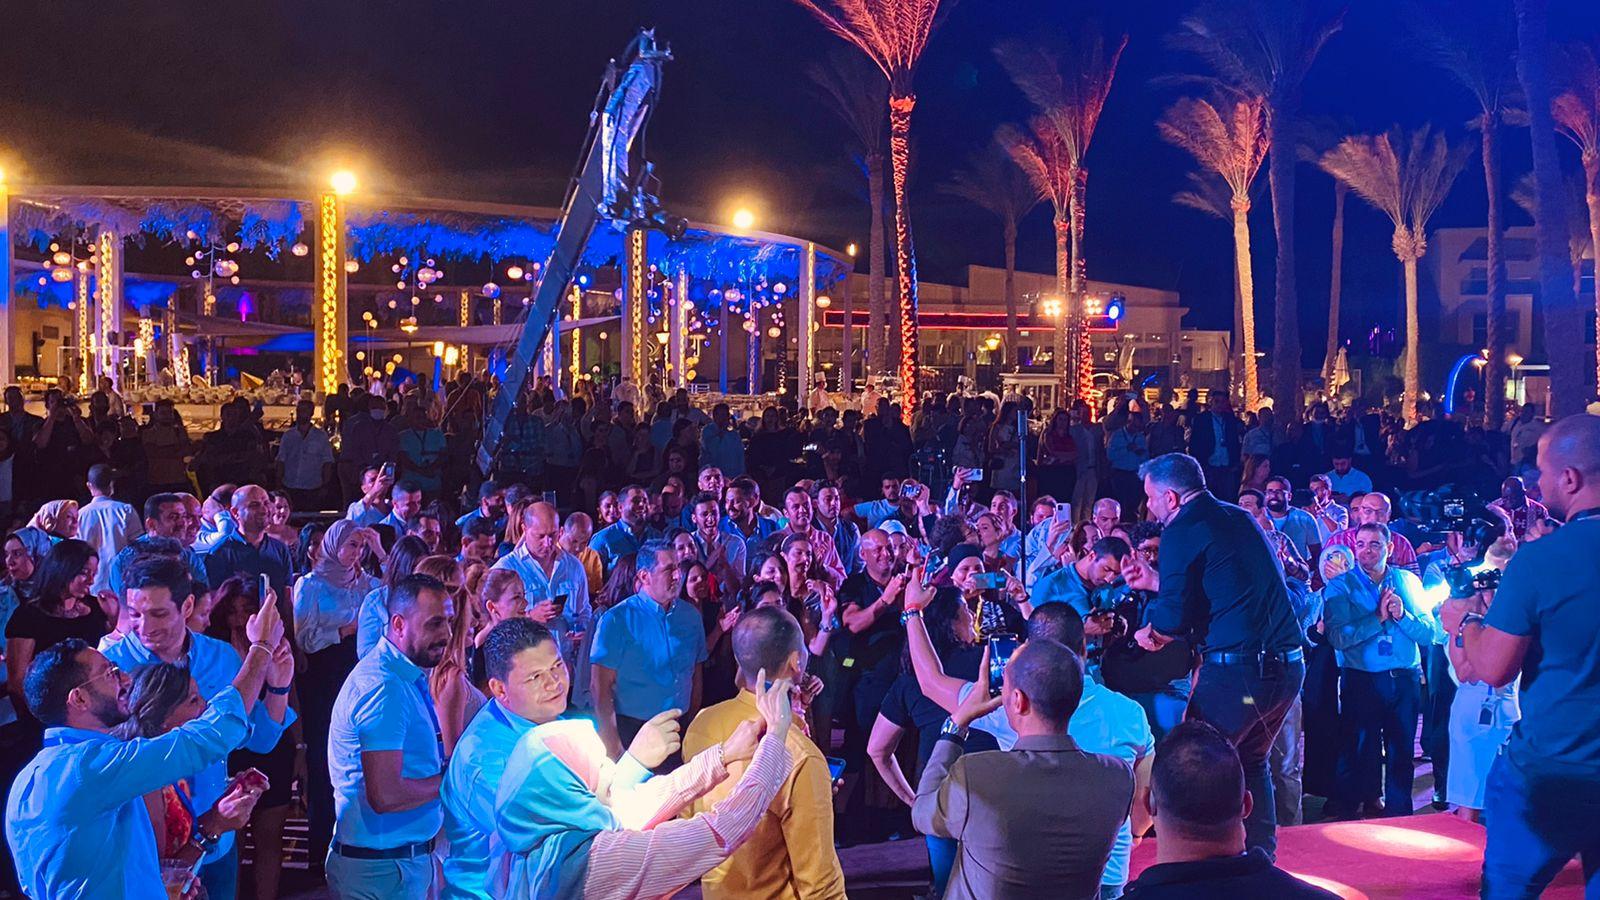 إدوارد وفريقه جيبسي يحيان حفل غنائي في شرم الشيخ (1)